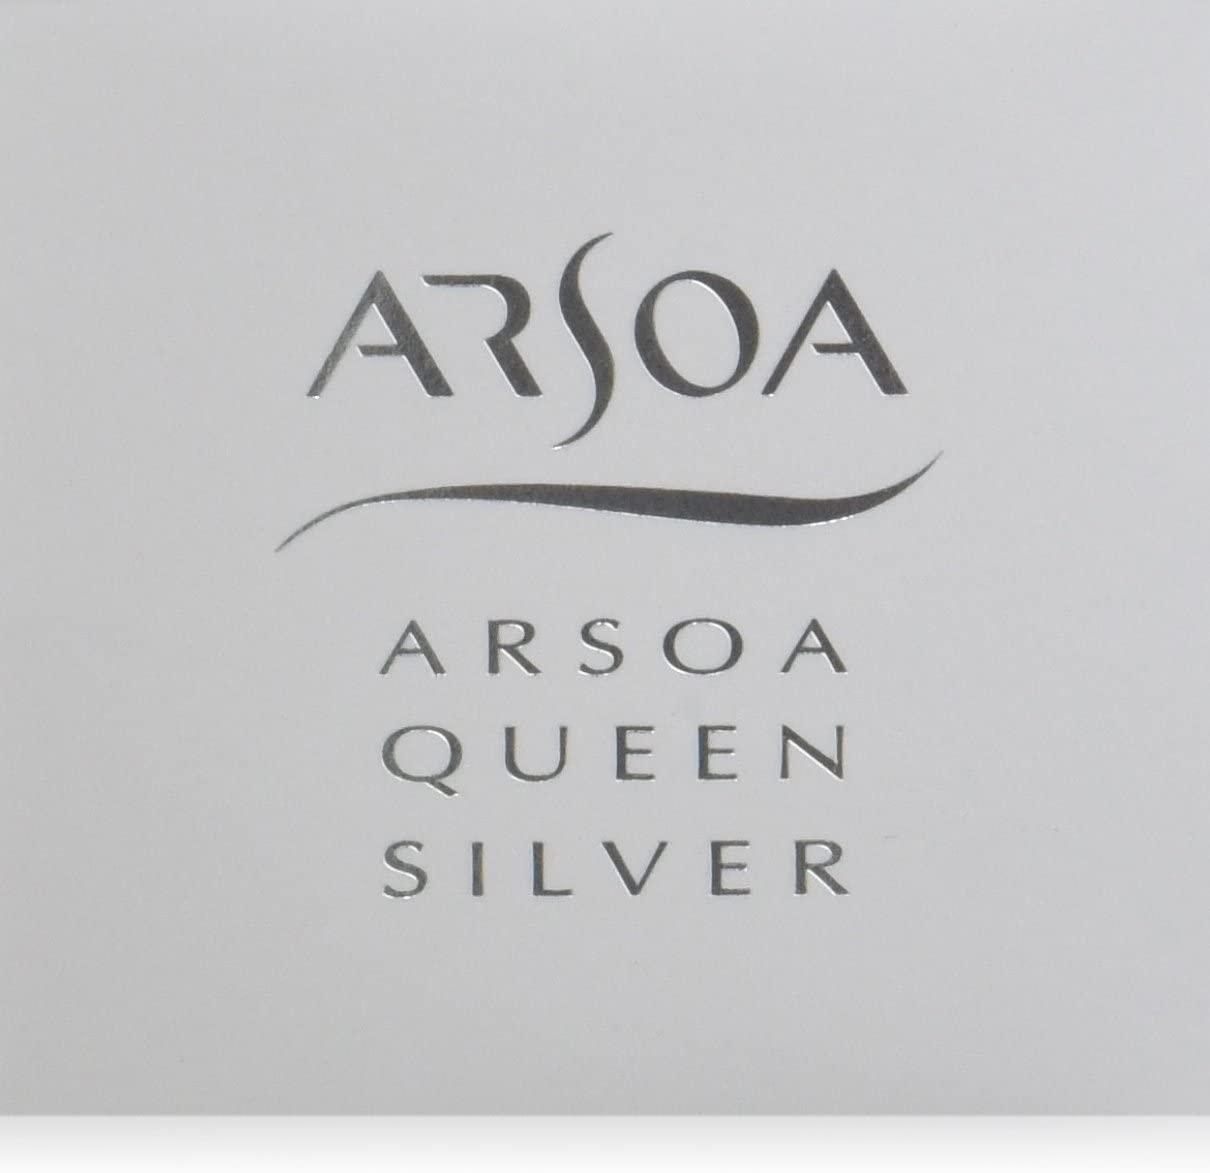 ARSOA(アルソア) クイーンシルバー